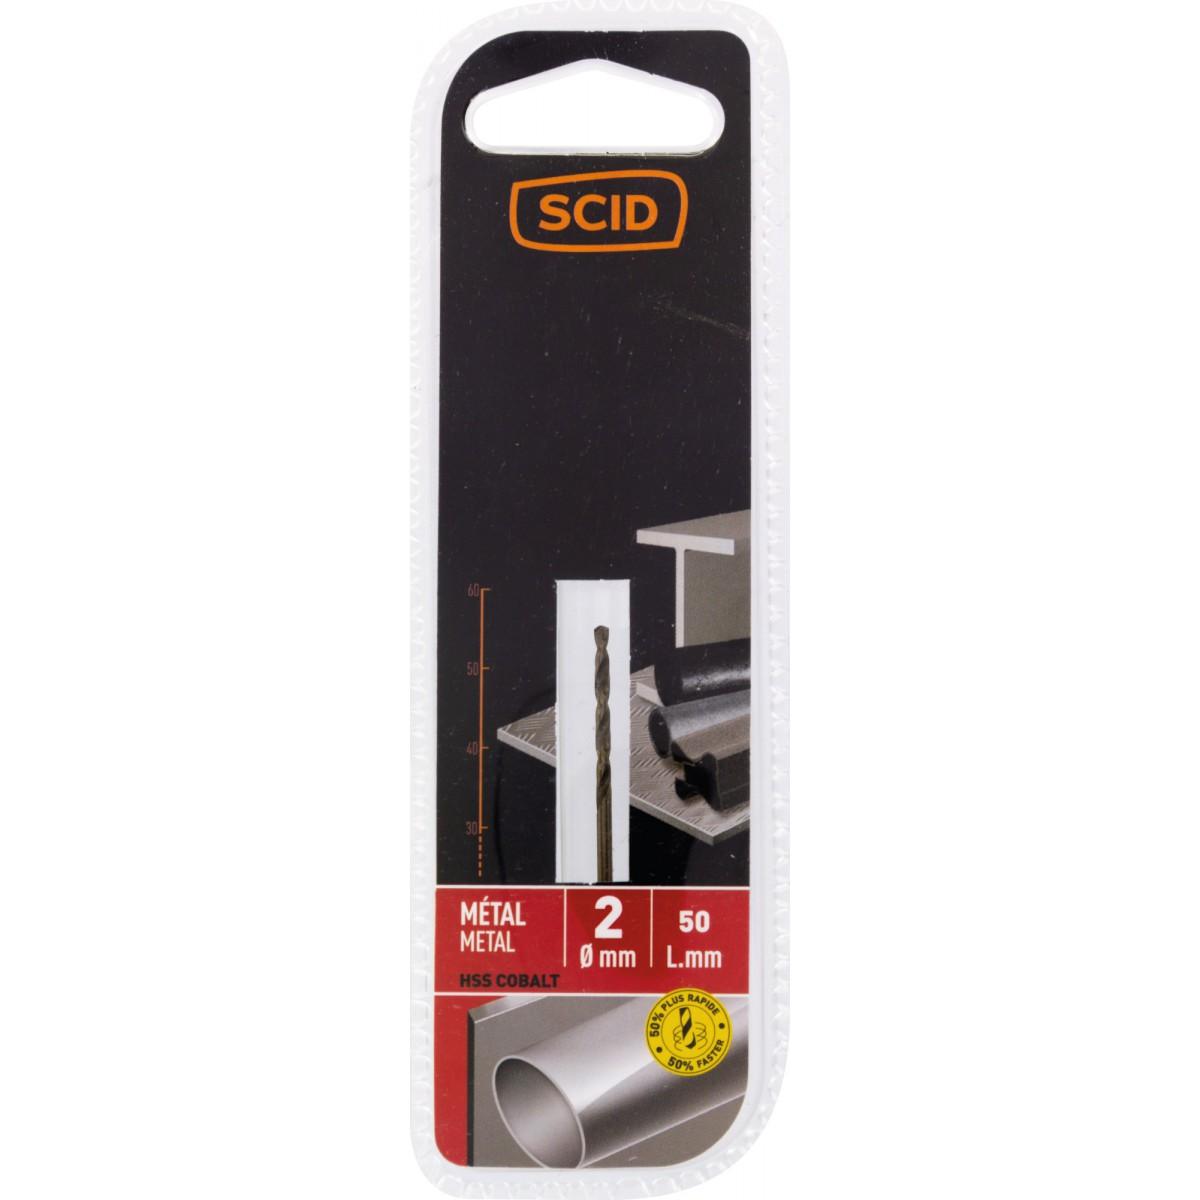 Foret métal HSS cobalt SCID - Longueur 50 mm - Diamètre 2 mm